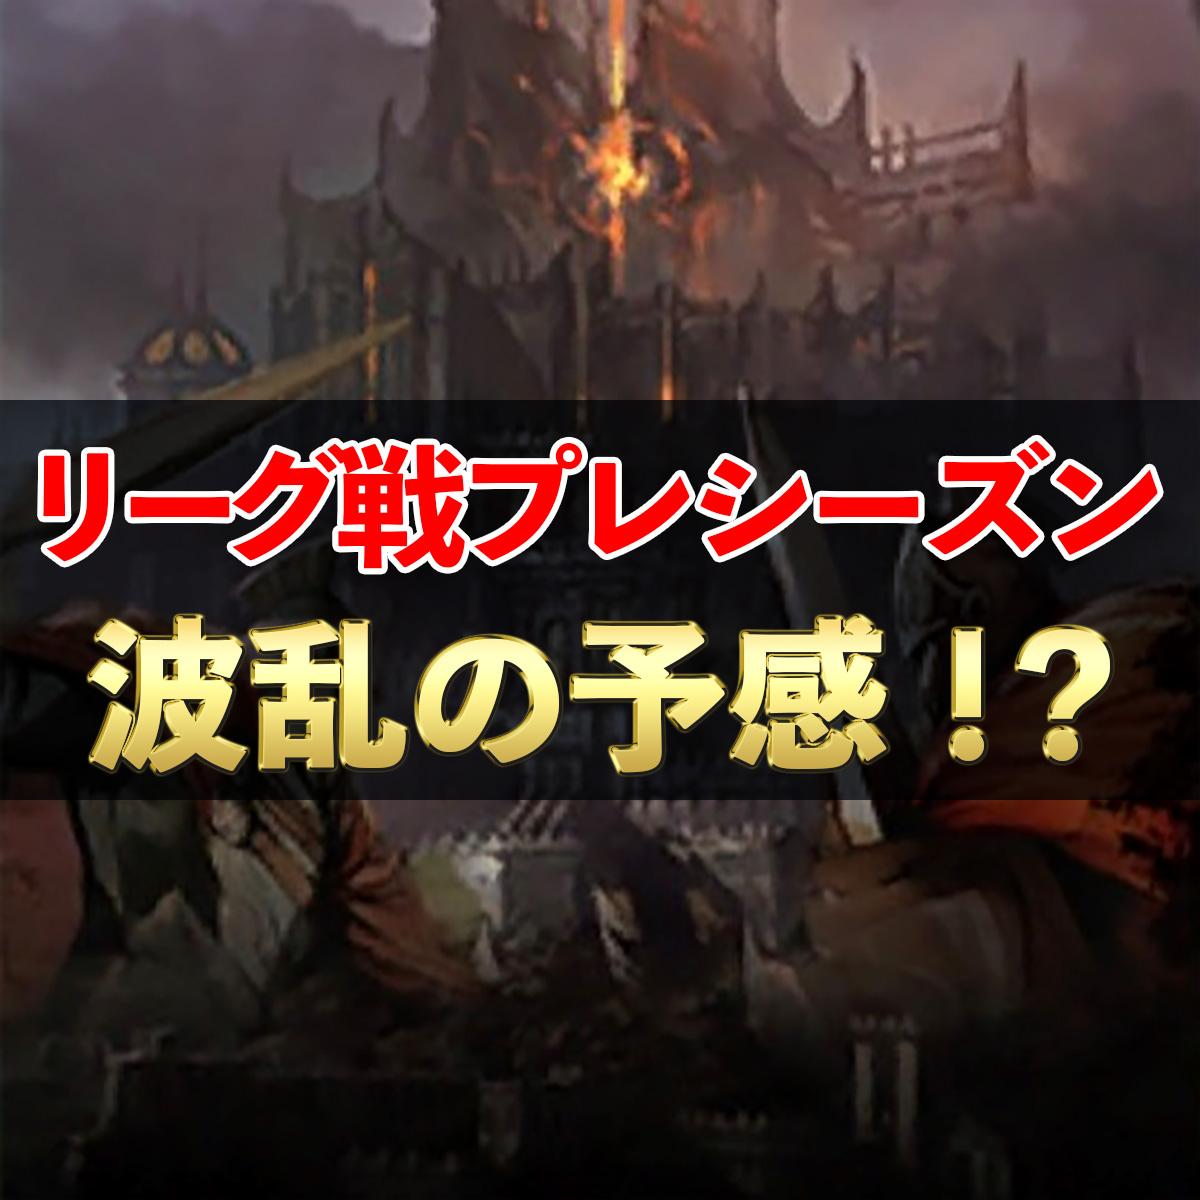 リーグ戦プレシーズン 波乱の予感!?